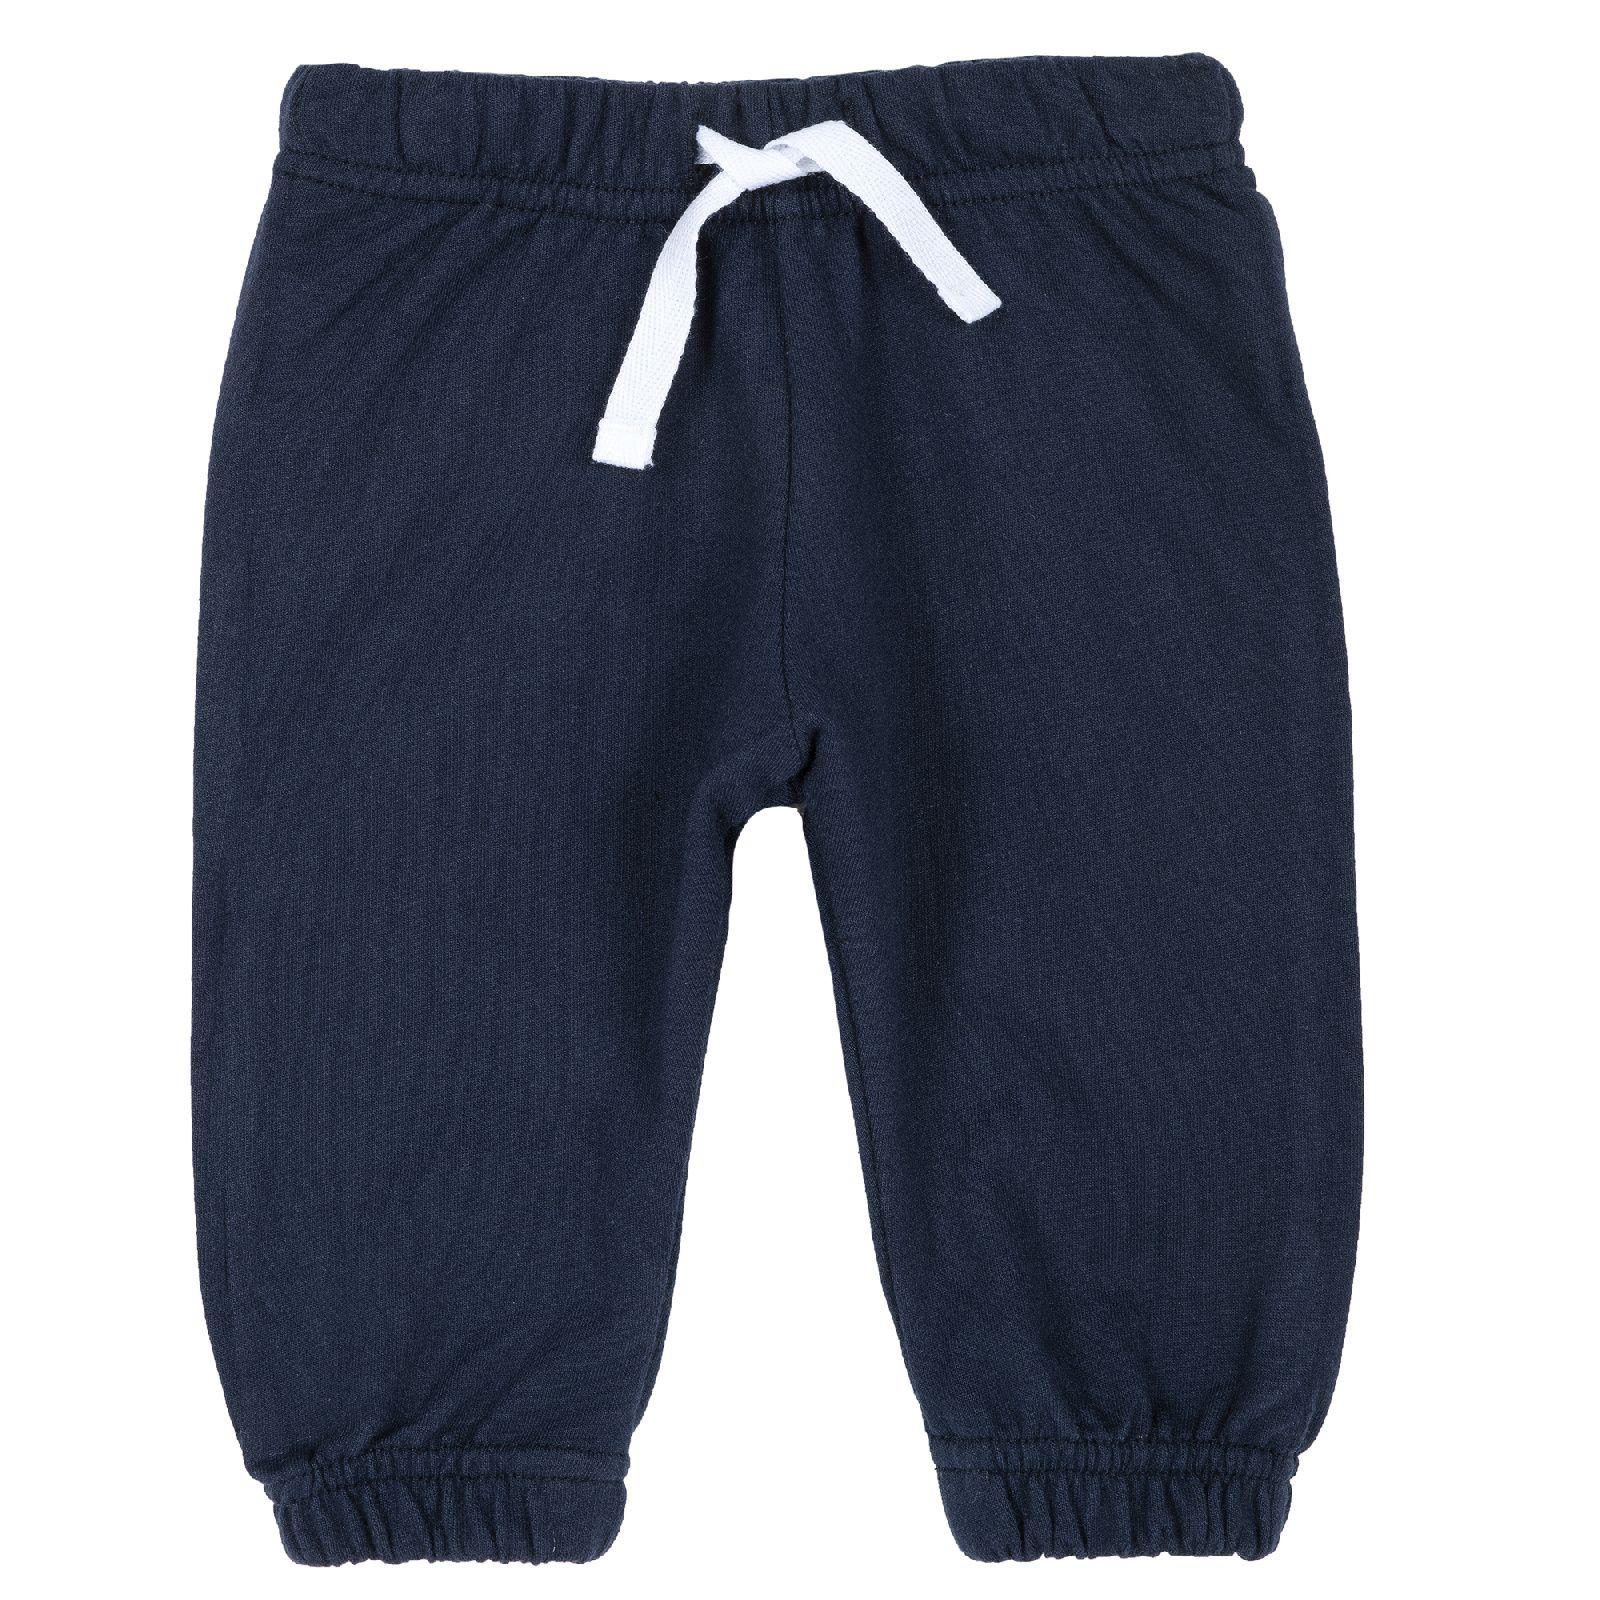 Купить 9008132, Брюки для мальчиков Chicco с белым шнурком, цвет темно-синий, размер 104